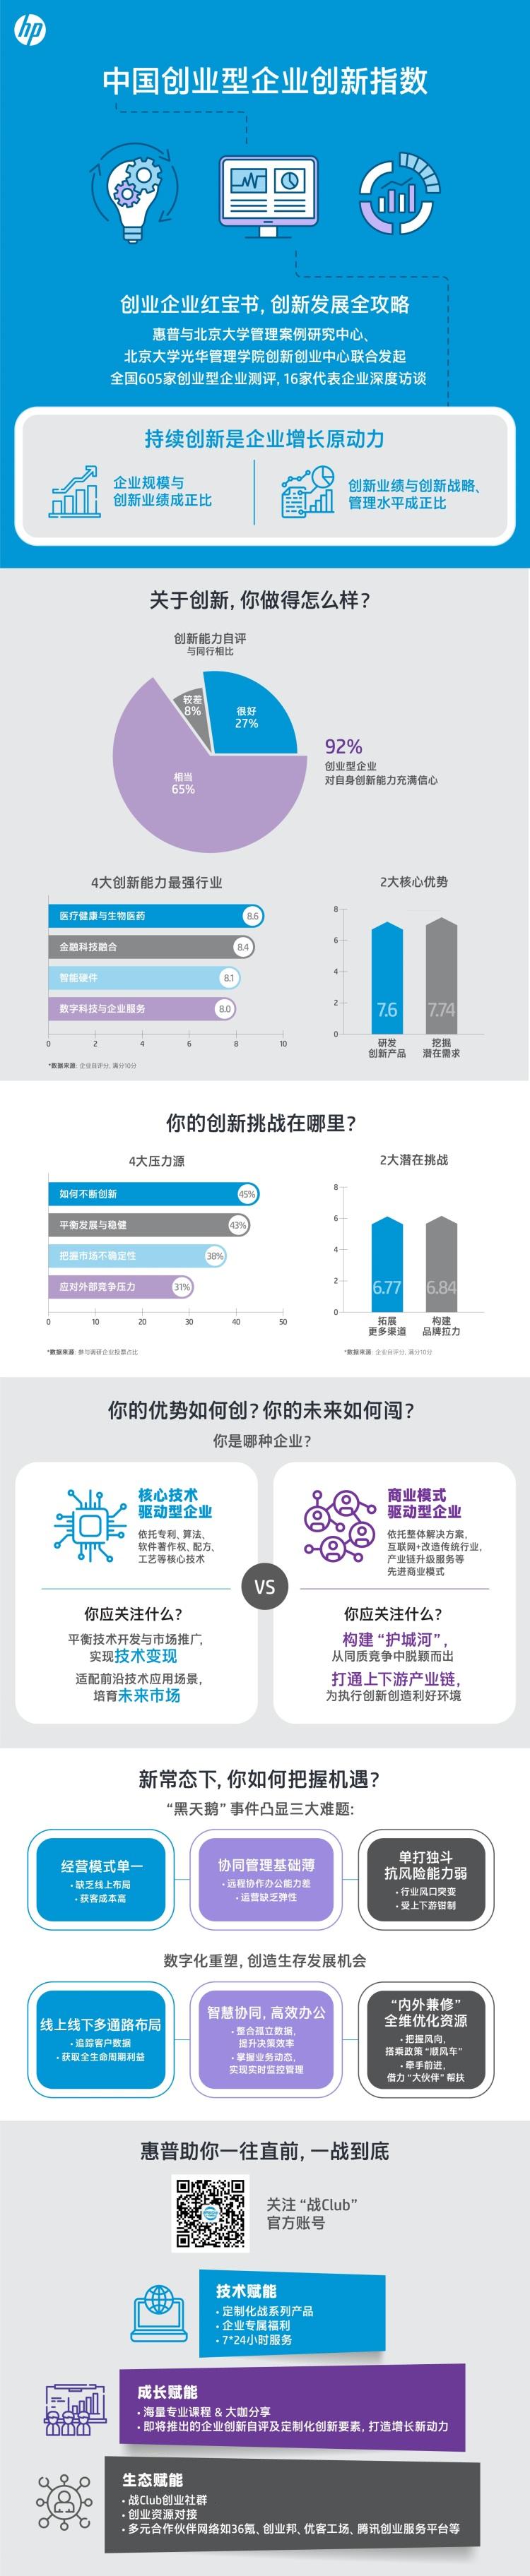 惠普联合北京大学发布《中国创业型中小微企业创新指数》